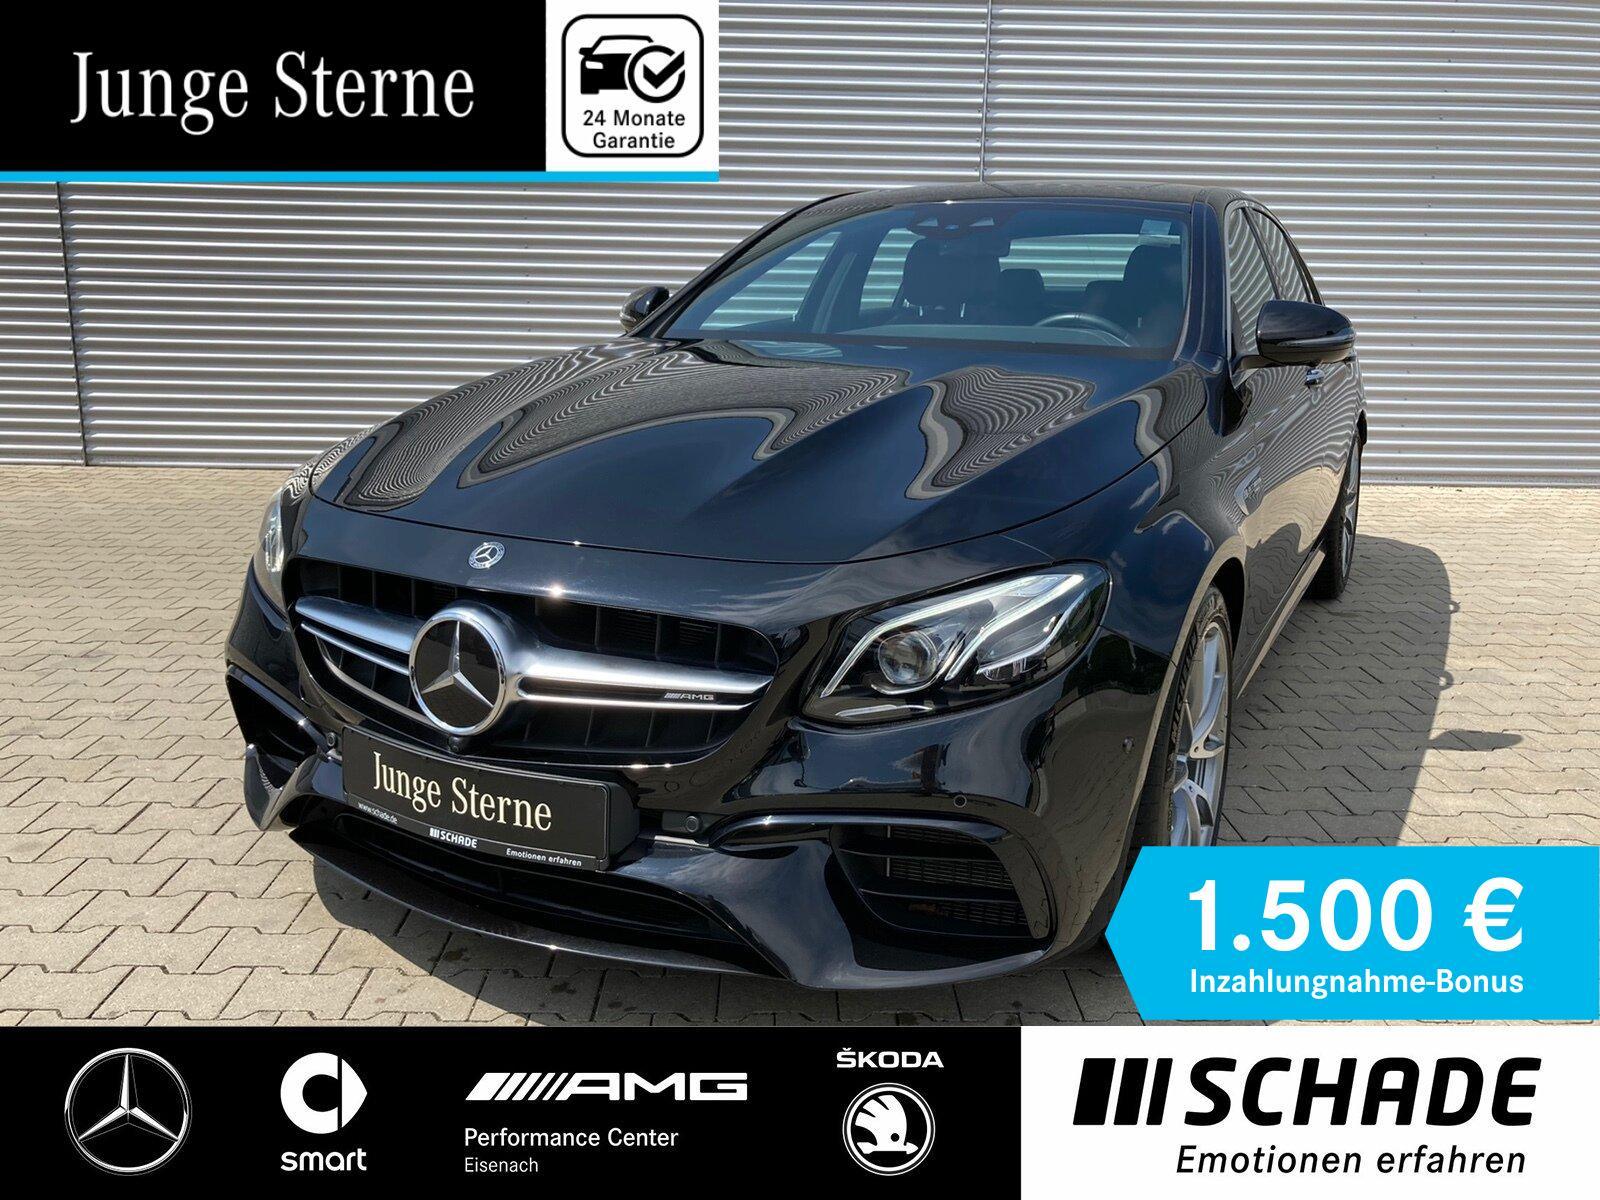 Mercedes-Benz E 63 AMG 4M+ Distronic*Multi.-Sitze*Stdhzg*Sound, Jahr 2019, Benzin